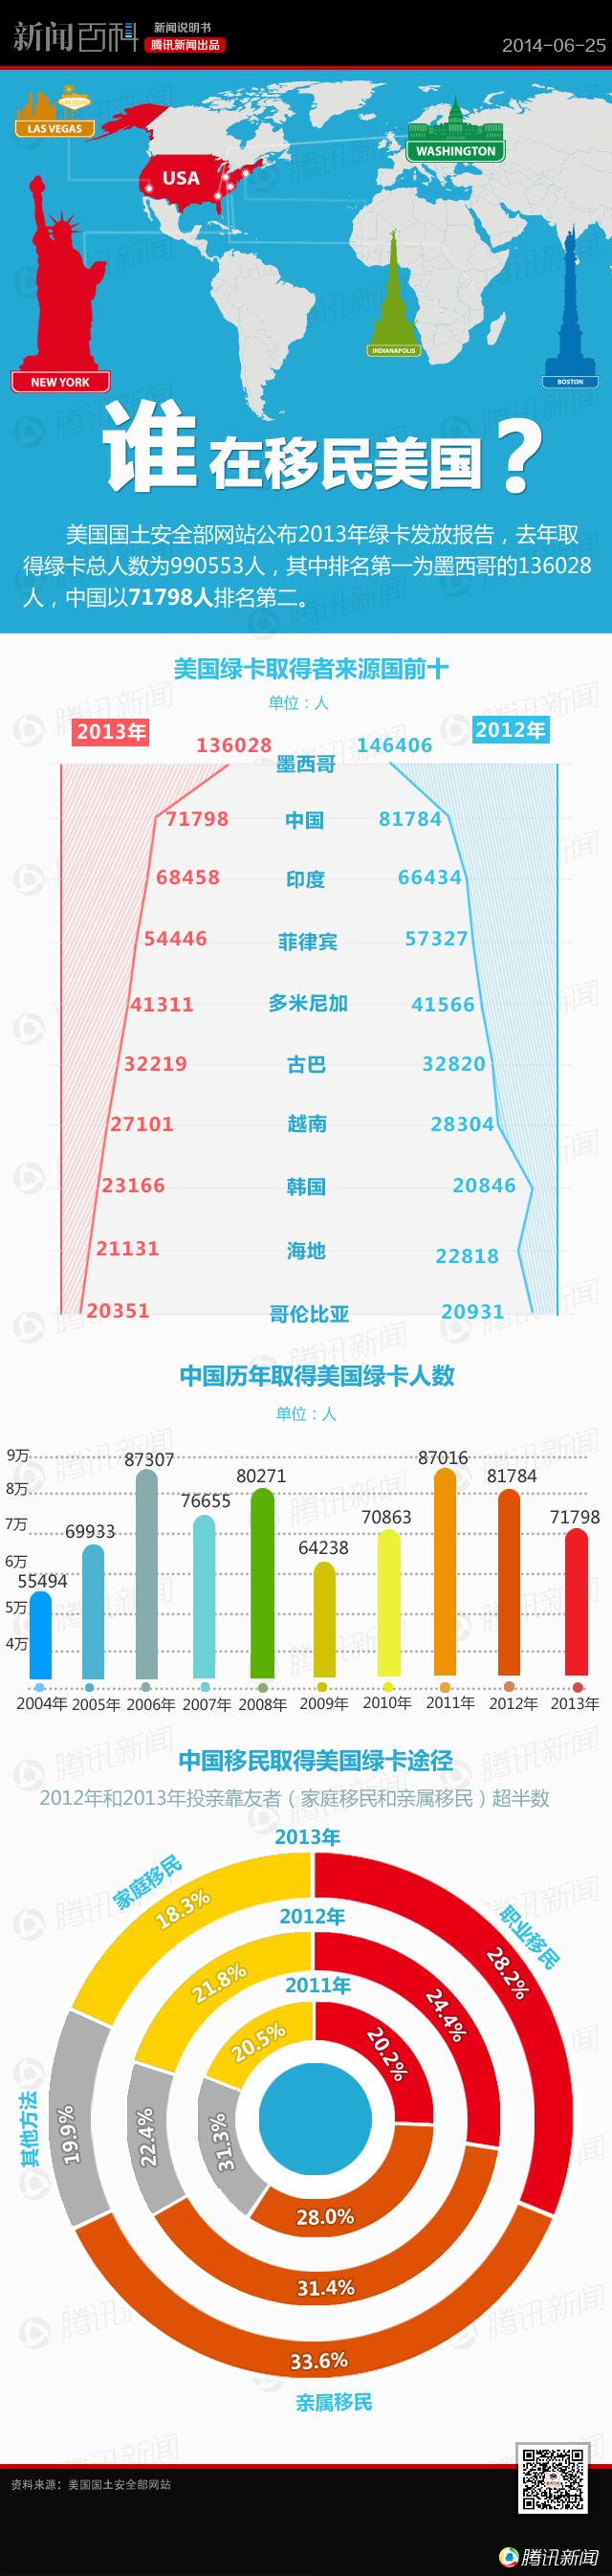 中国人移民美国 - 通天經紀 - tongtianjingji的博客